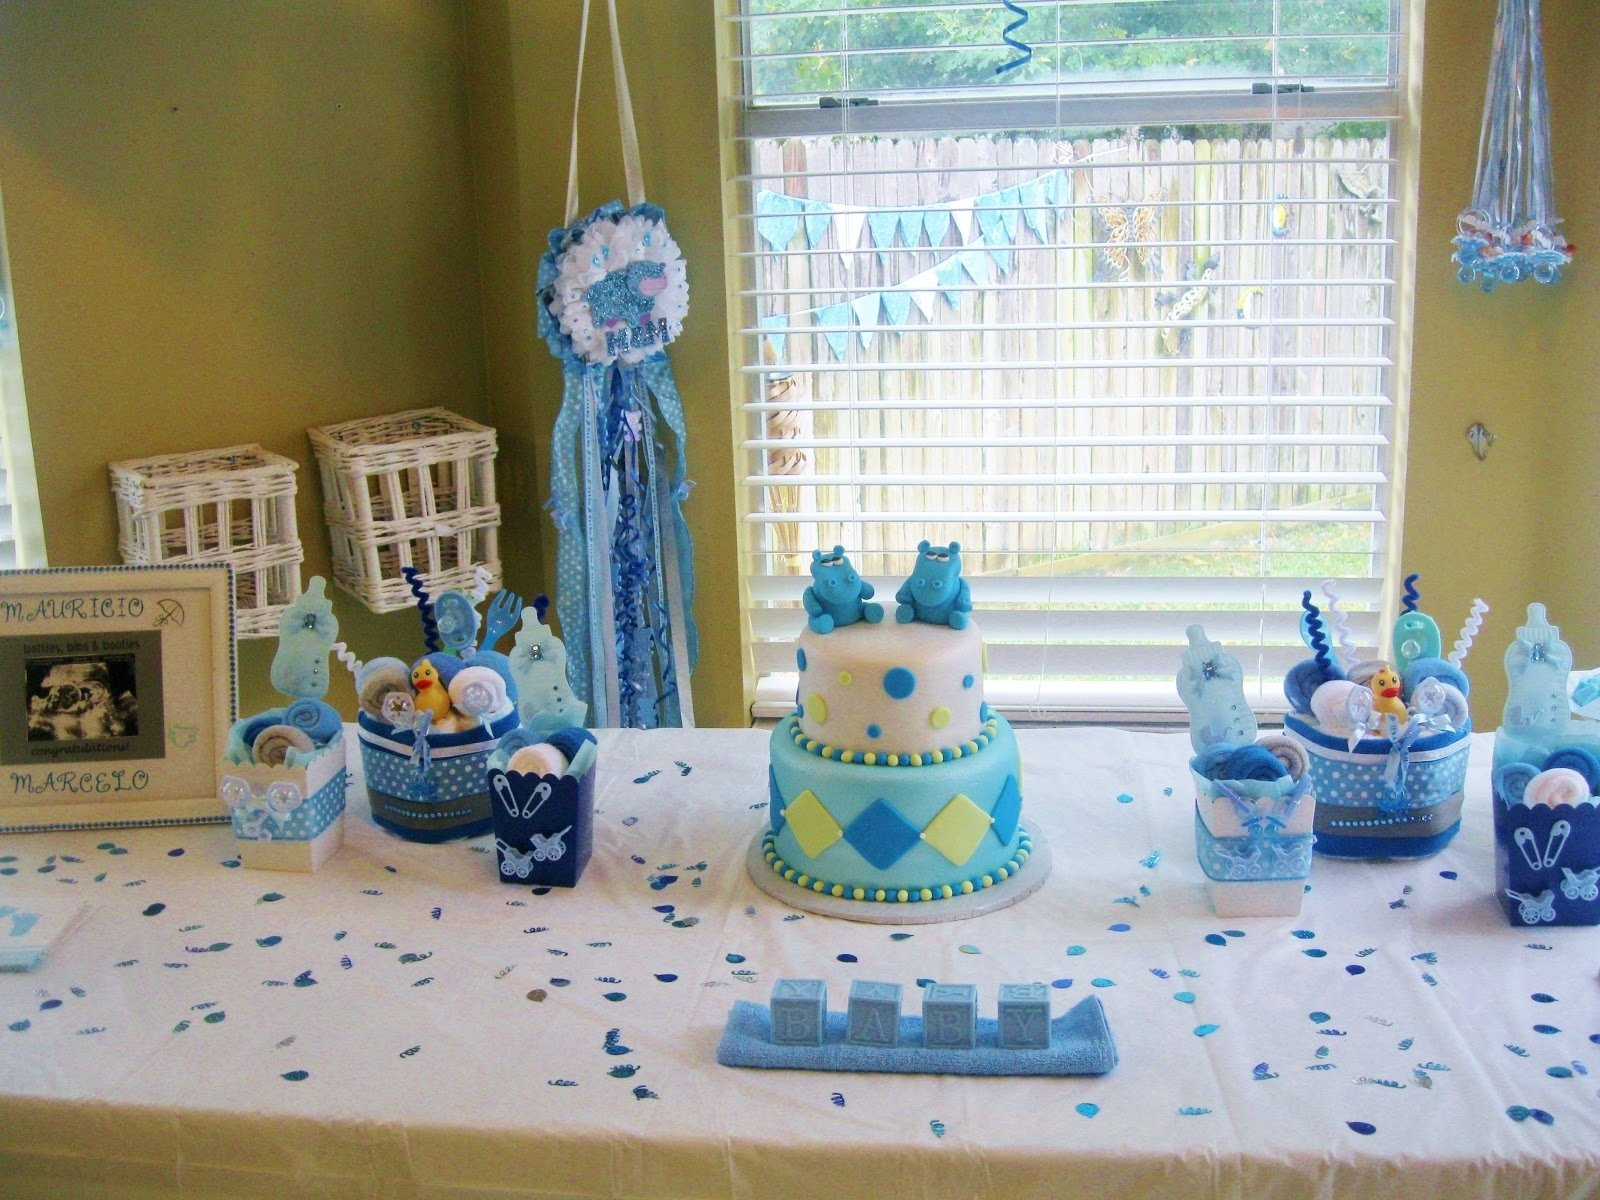 10 Unique Baby Shower Decoration Ideas For Boy simple baby shower decoration ideas for boy e280a2 baby showers design 1 2021